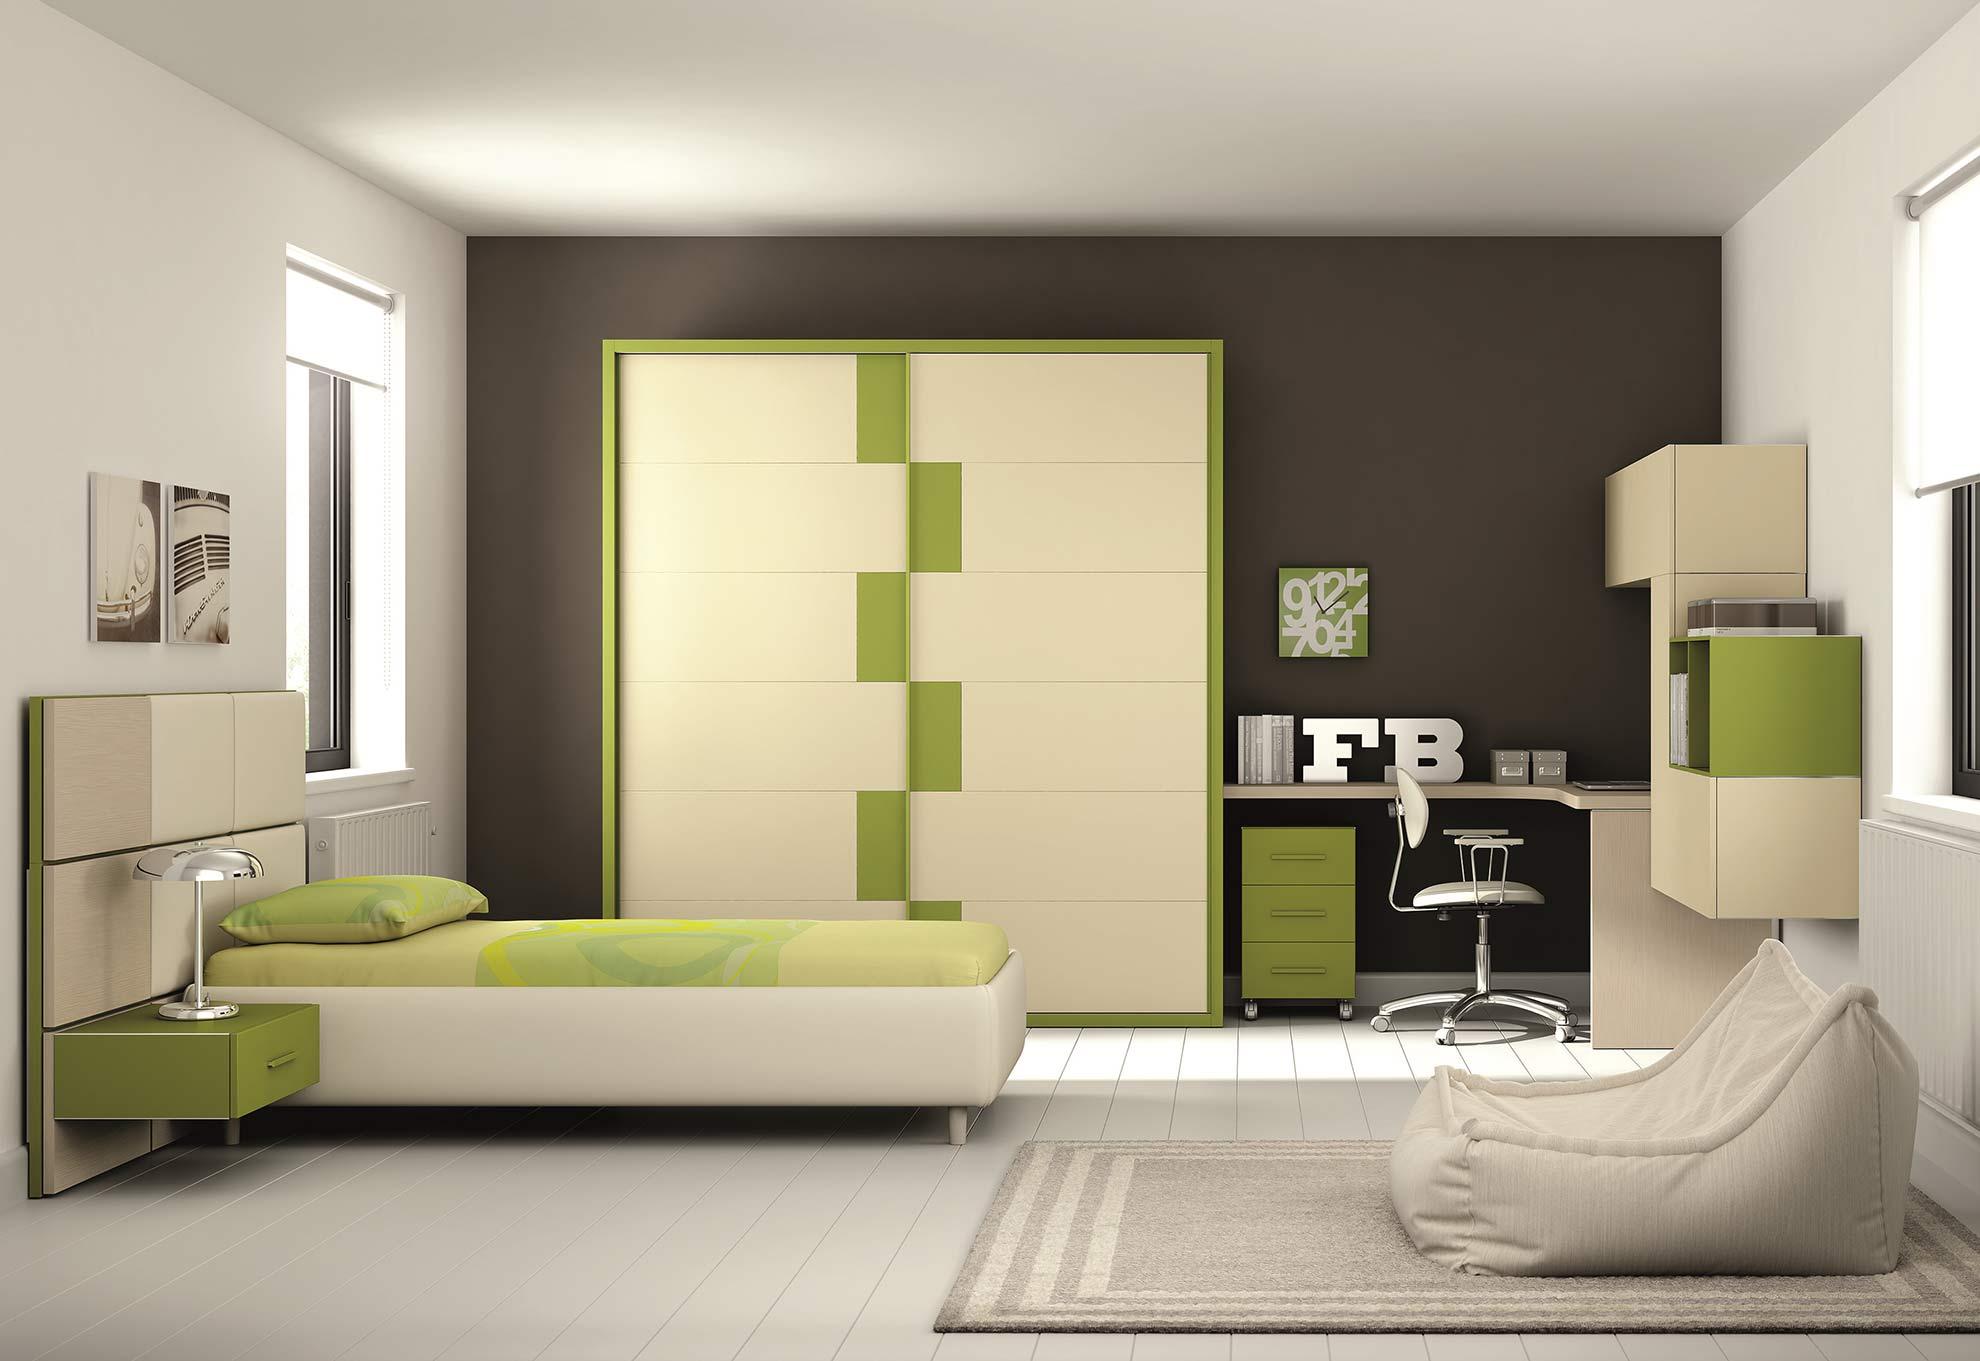 Camerette in stille moderno torino sumisura fabbrica for Fabbrica mobili torino